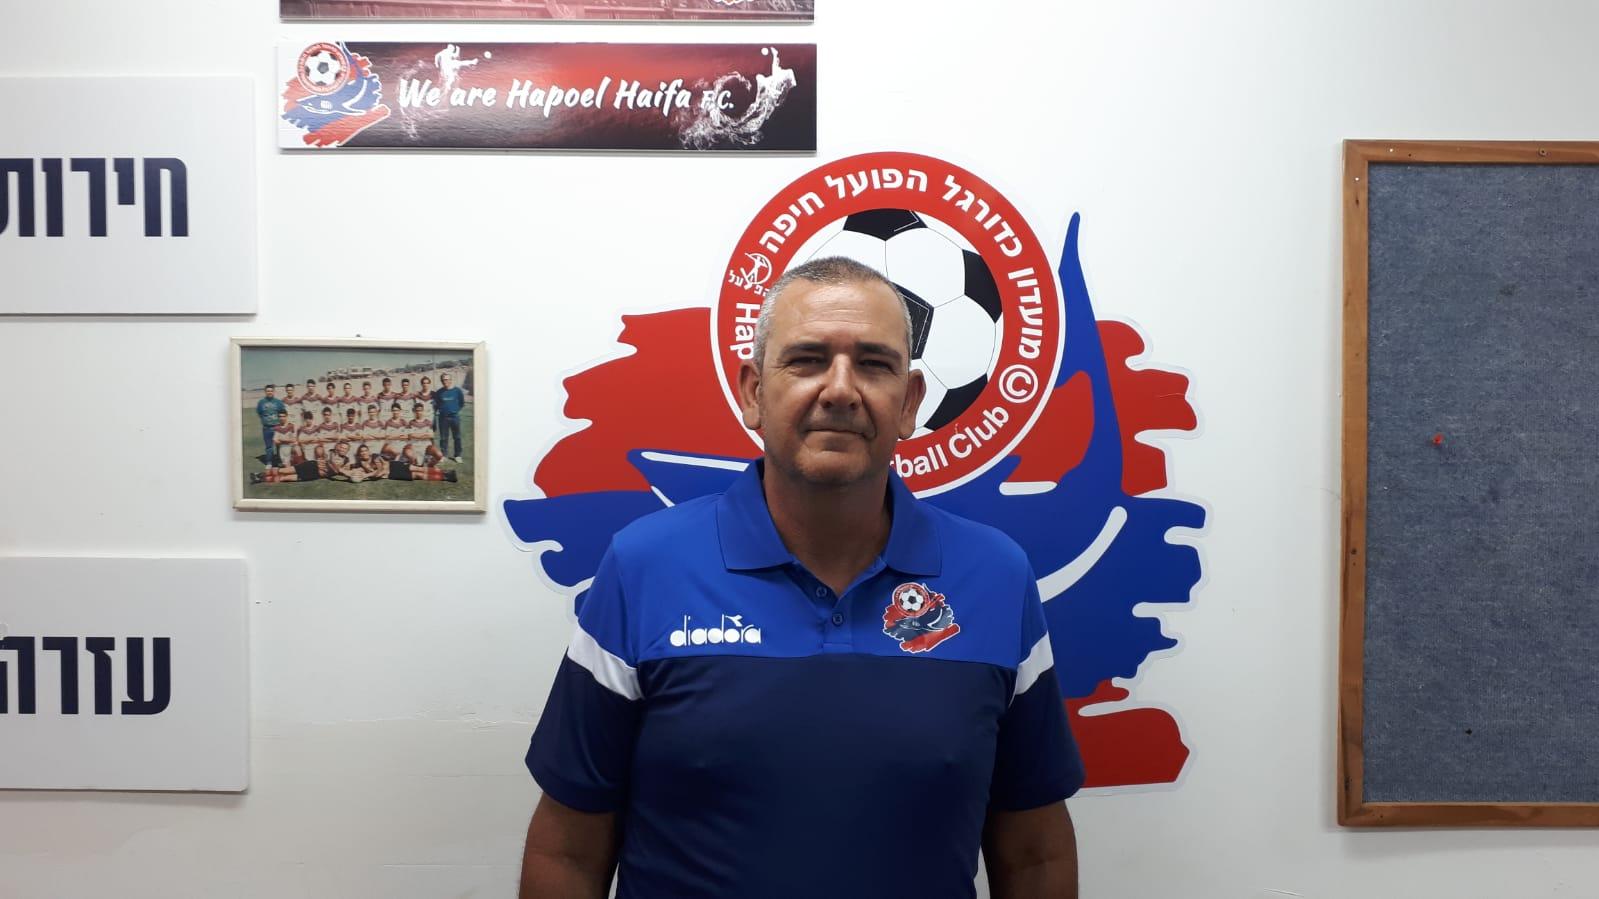 מאיר ארמה מונה למאמן קבוצת הנוער של המועדון